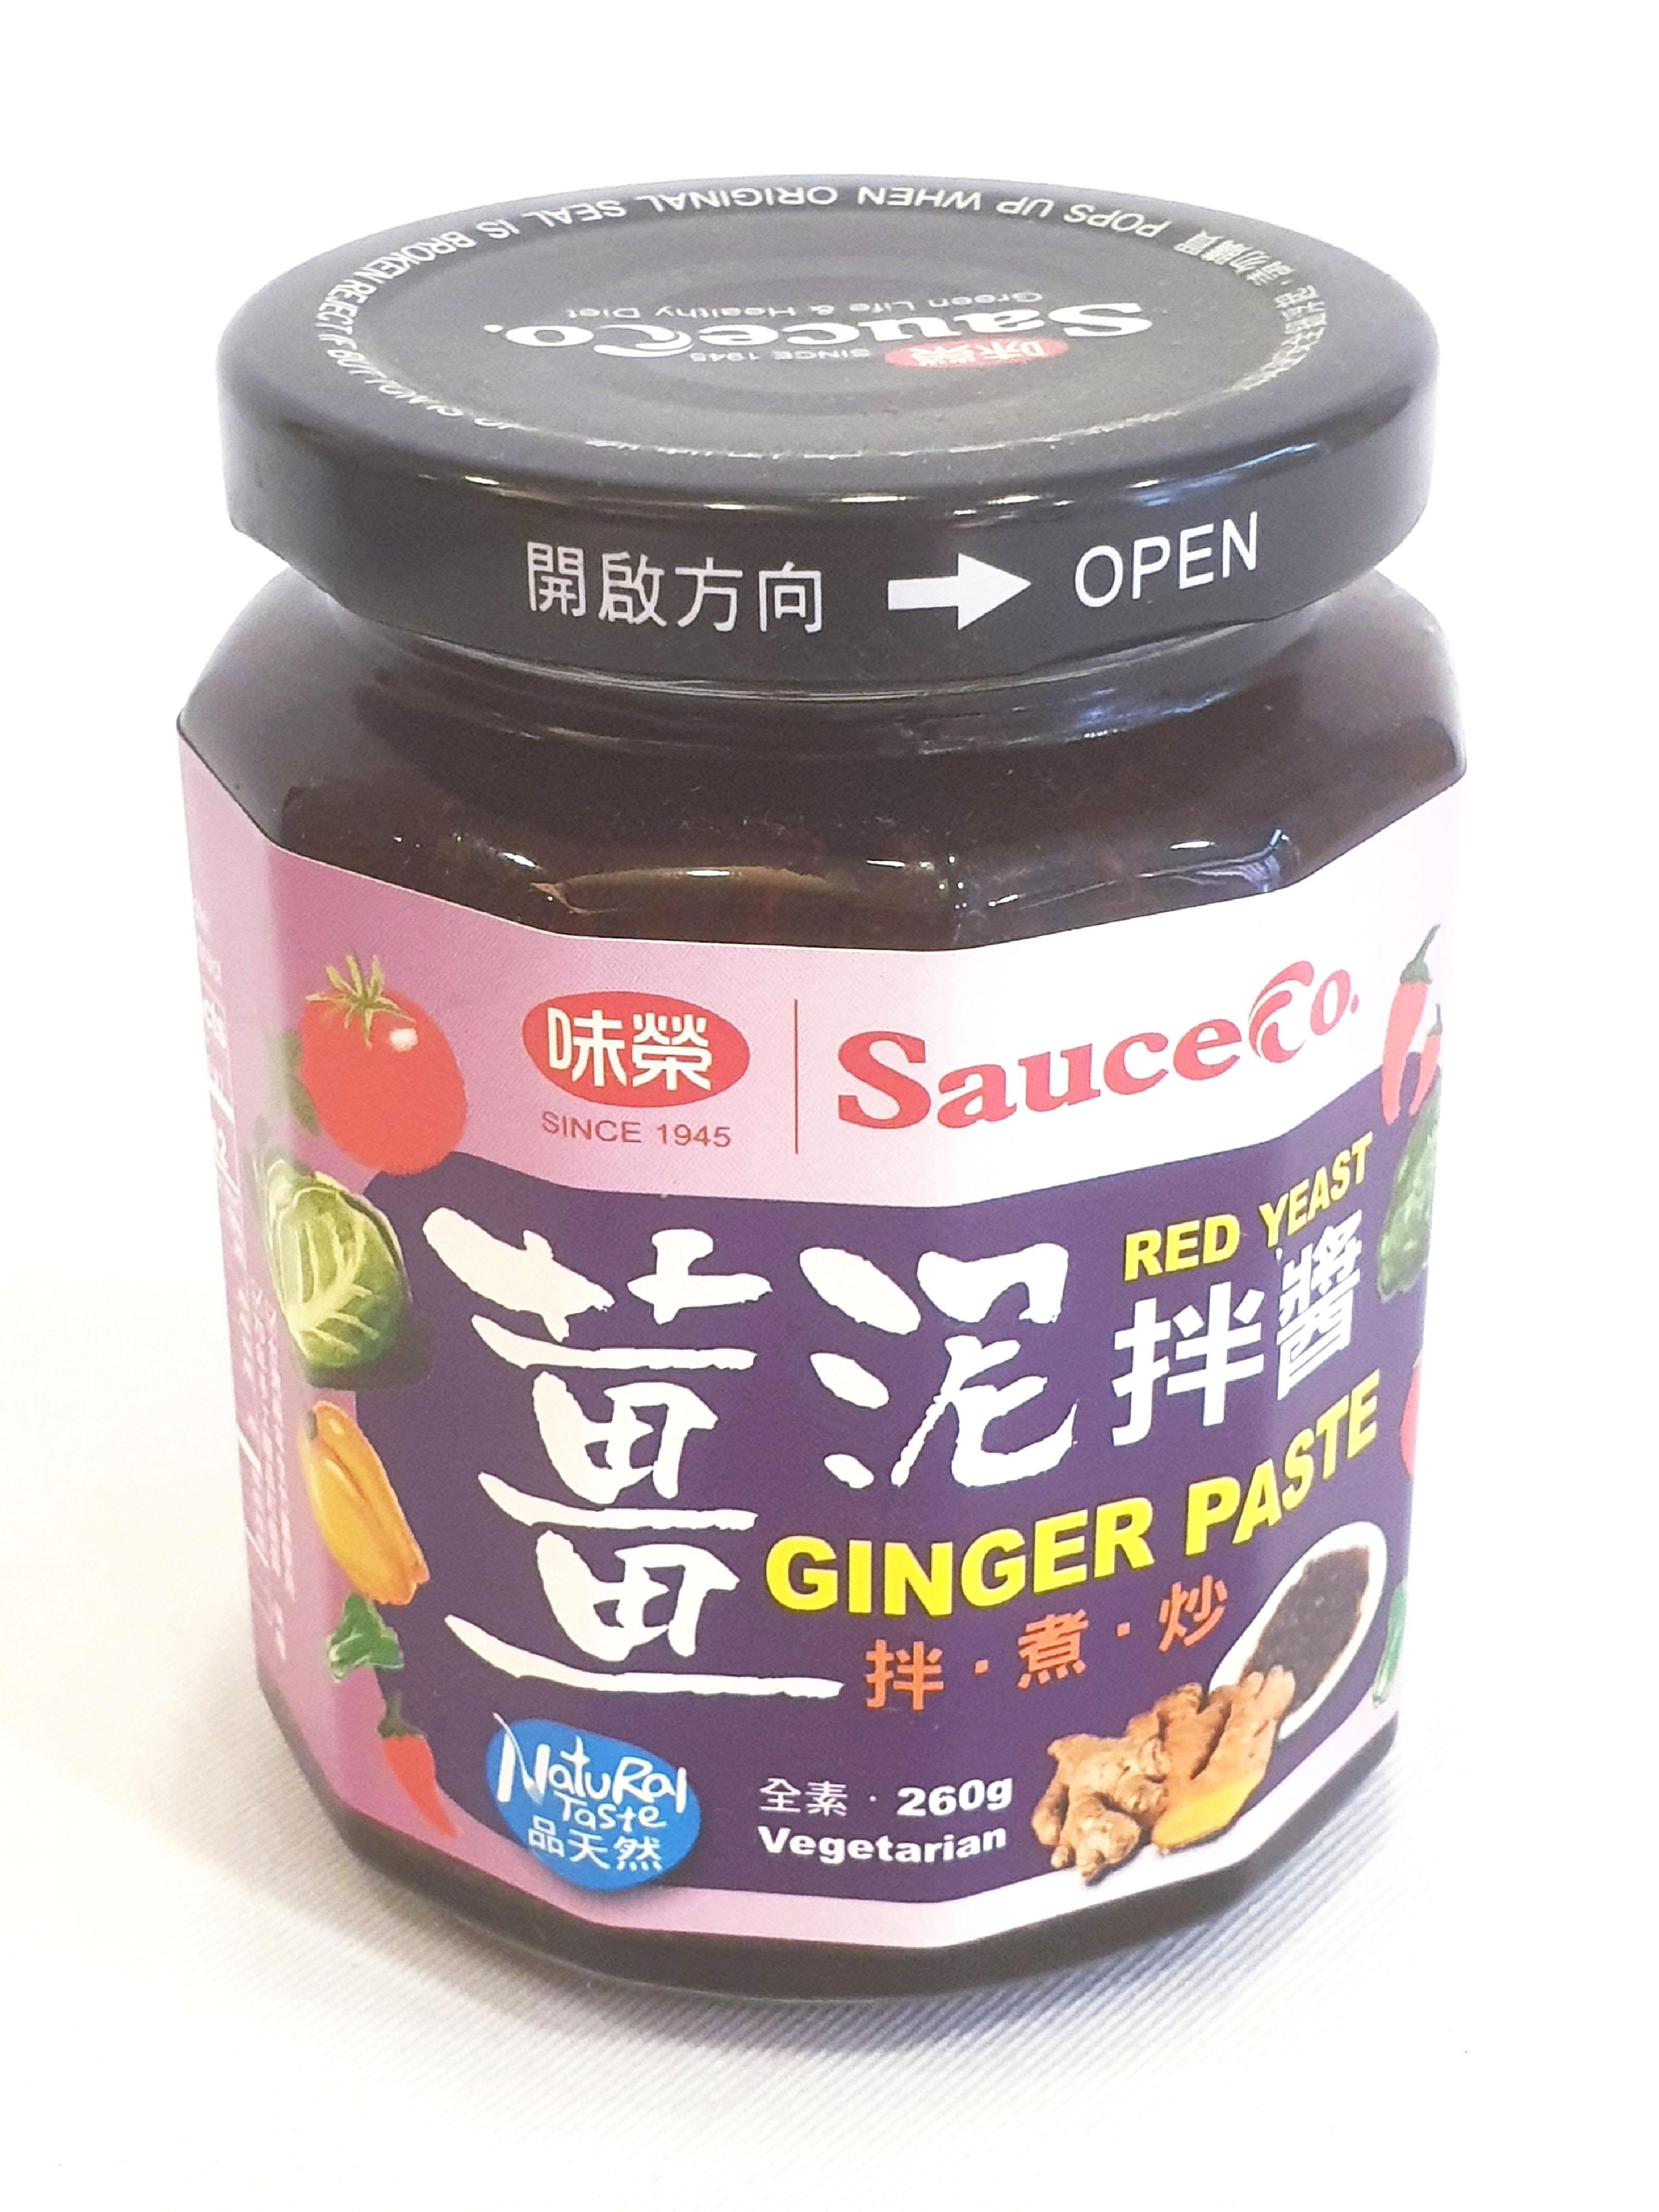 味榮 紅麴薑泥拌醬 全素 260公克/罐 (台灣製造)